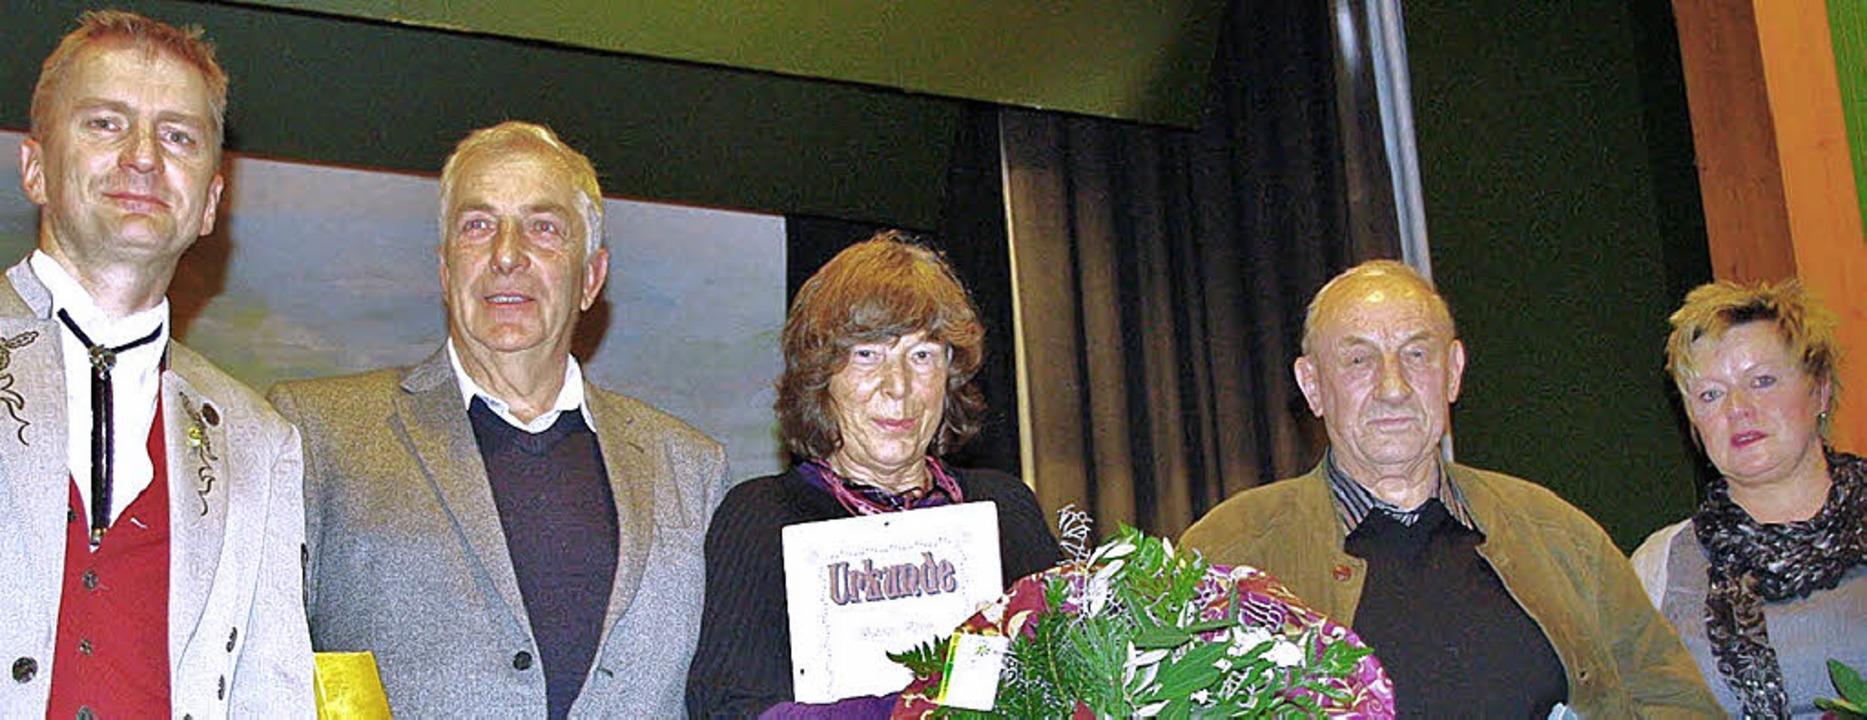 Geehrt für 25 jährige Mitgliedschaft w...Vorsitznde des Vereins, Stefan Eckert.  | Foto: Rolf Reißmann